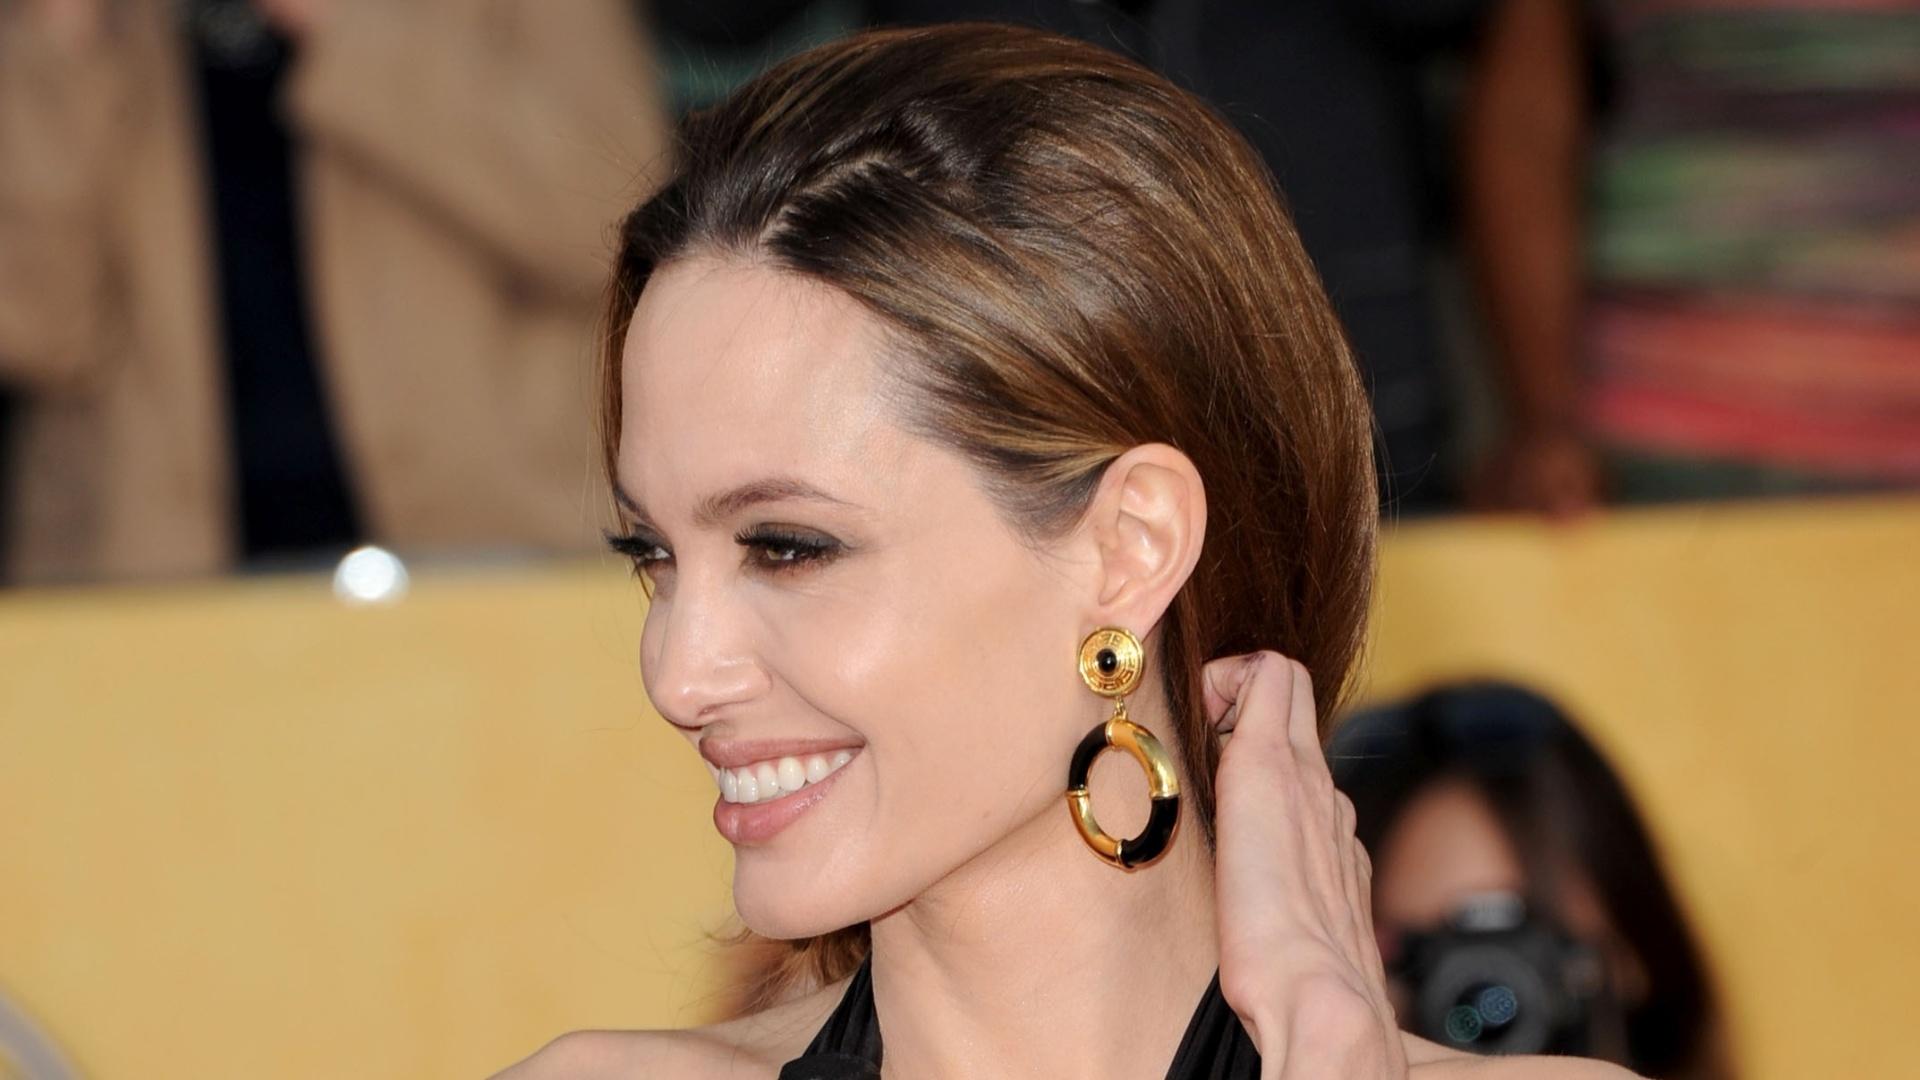 Angelina Jolie posa para os fotógrafos no tapete vermelho do Screen Actors Guild Awards em Los Angeles. O marido de Angelina, Brad Pitt está concorrendo ao prêmio de Melhor Ator pelo filme